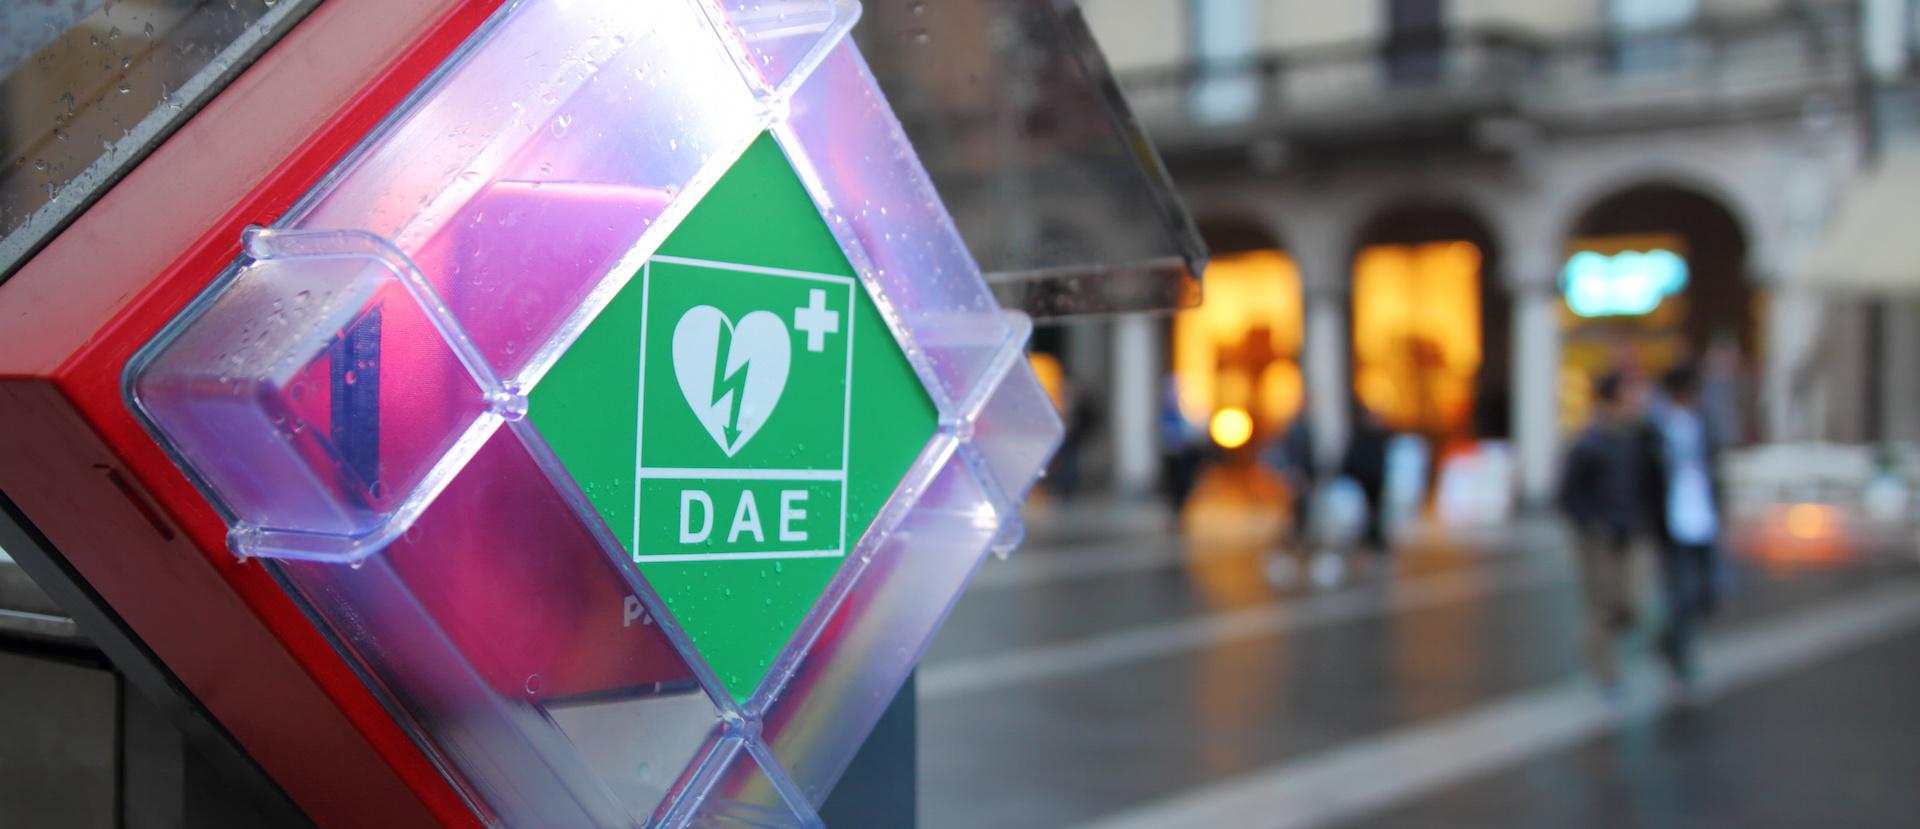 Defibrillazione pubblica: essenziale se strutturata